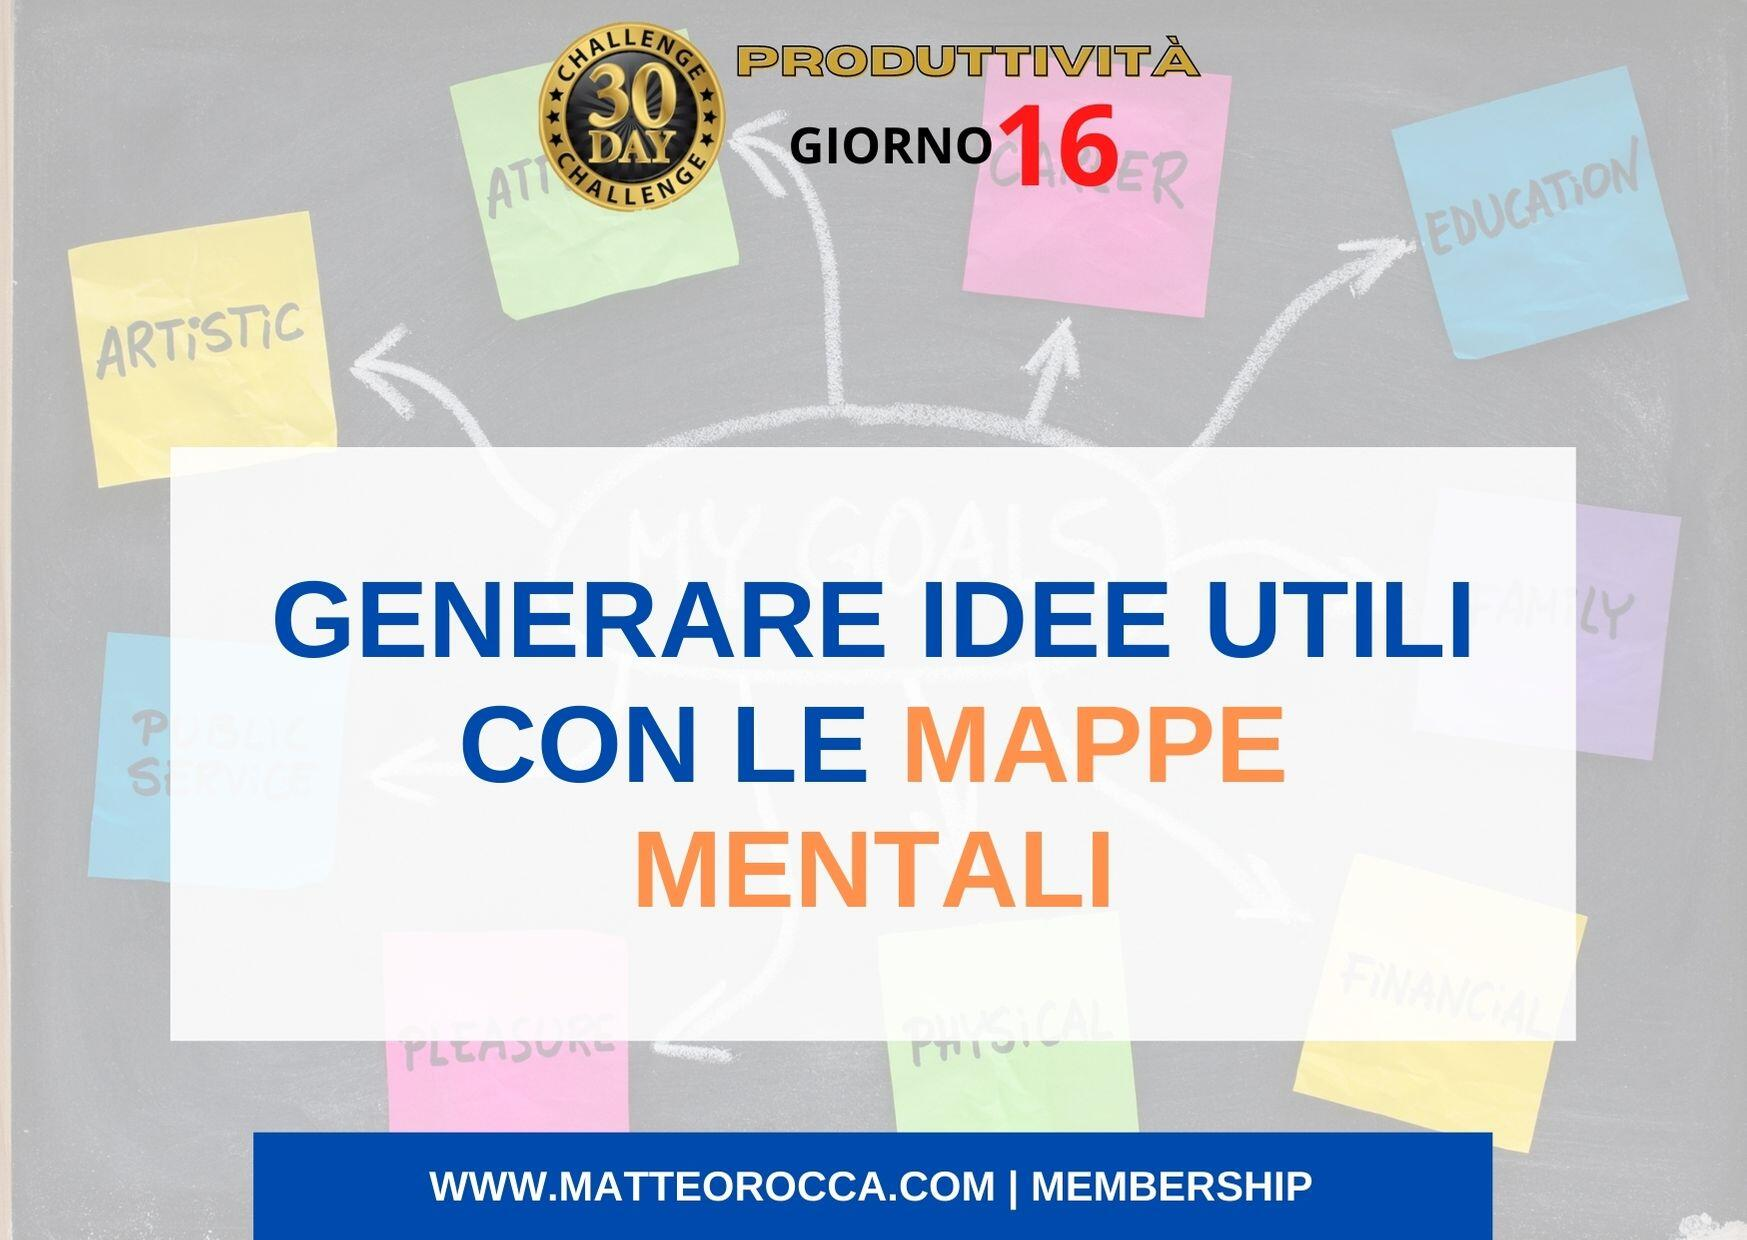 Come generare idee utili con le mappe mentali (titoli)